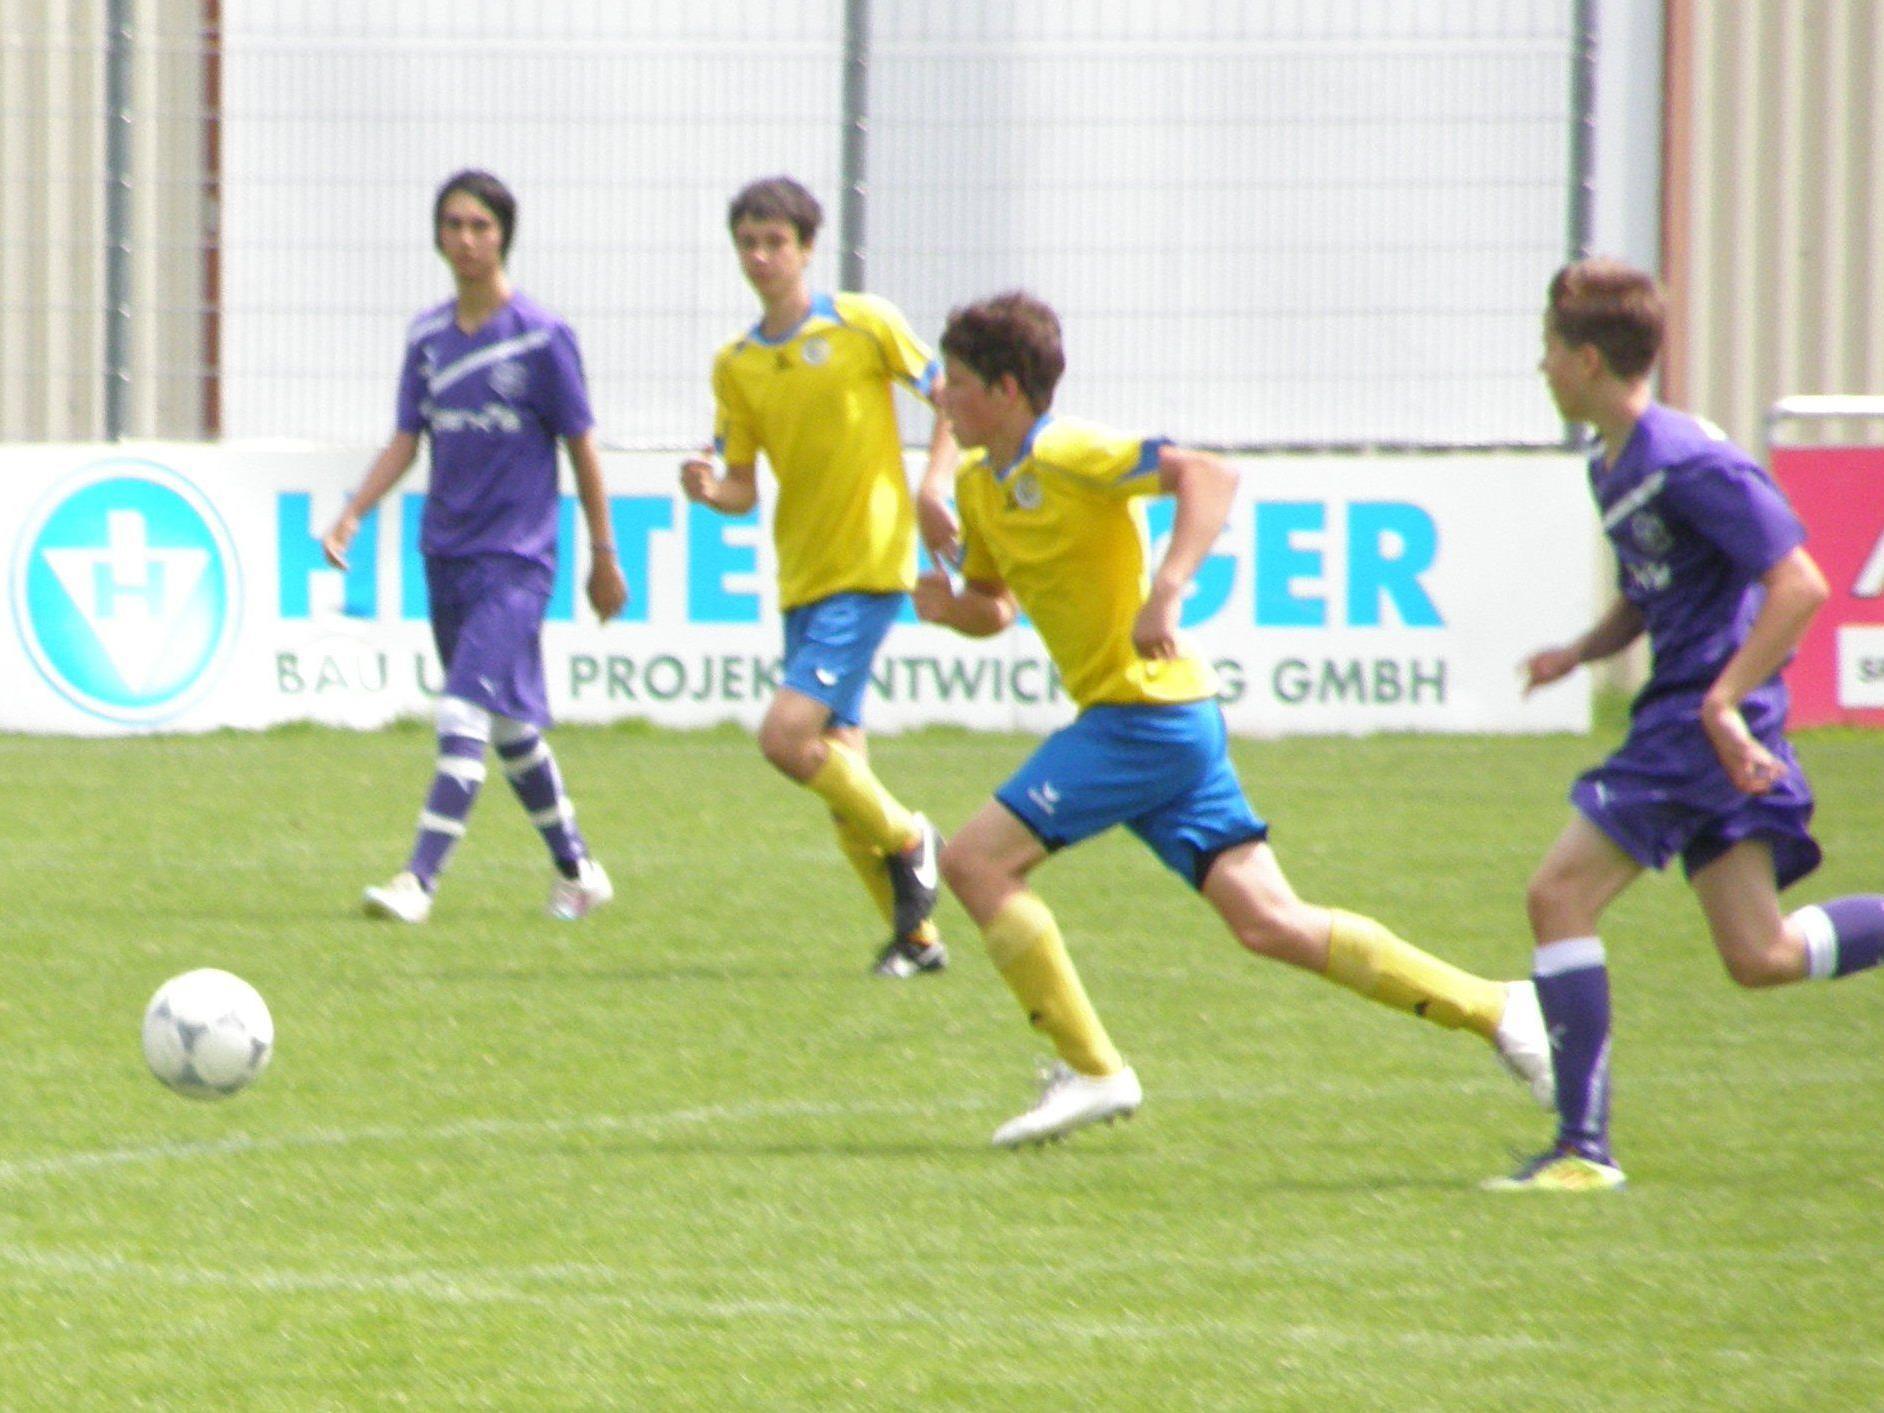 Die Hohenemser (in gelb-blau) gewannen in Bregenz.